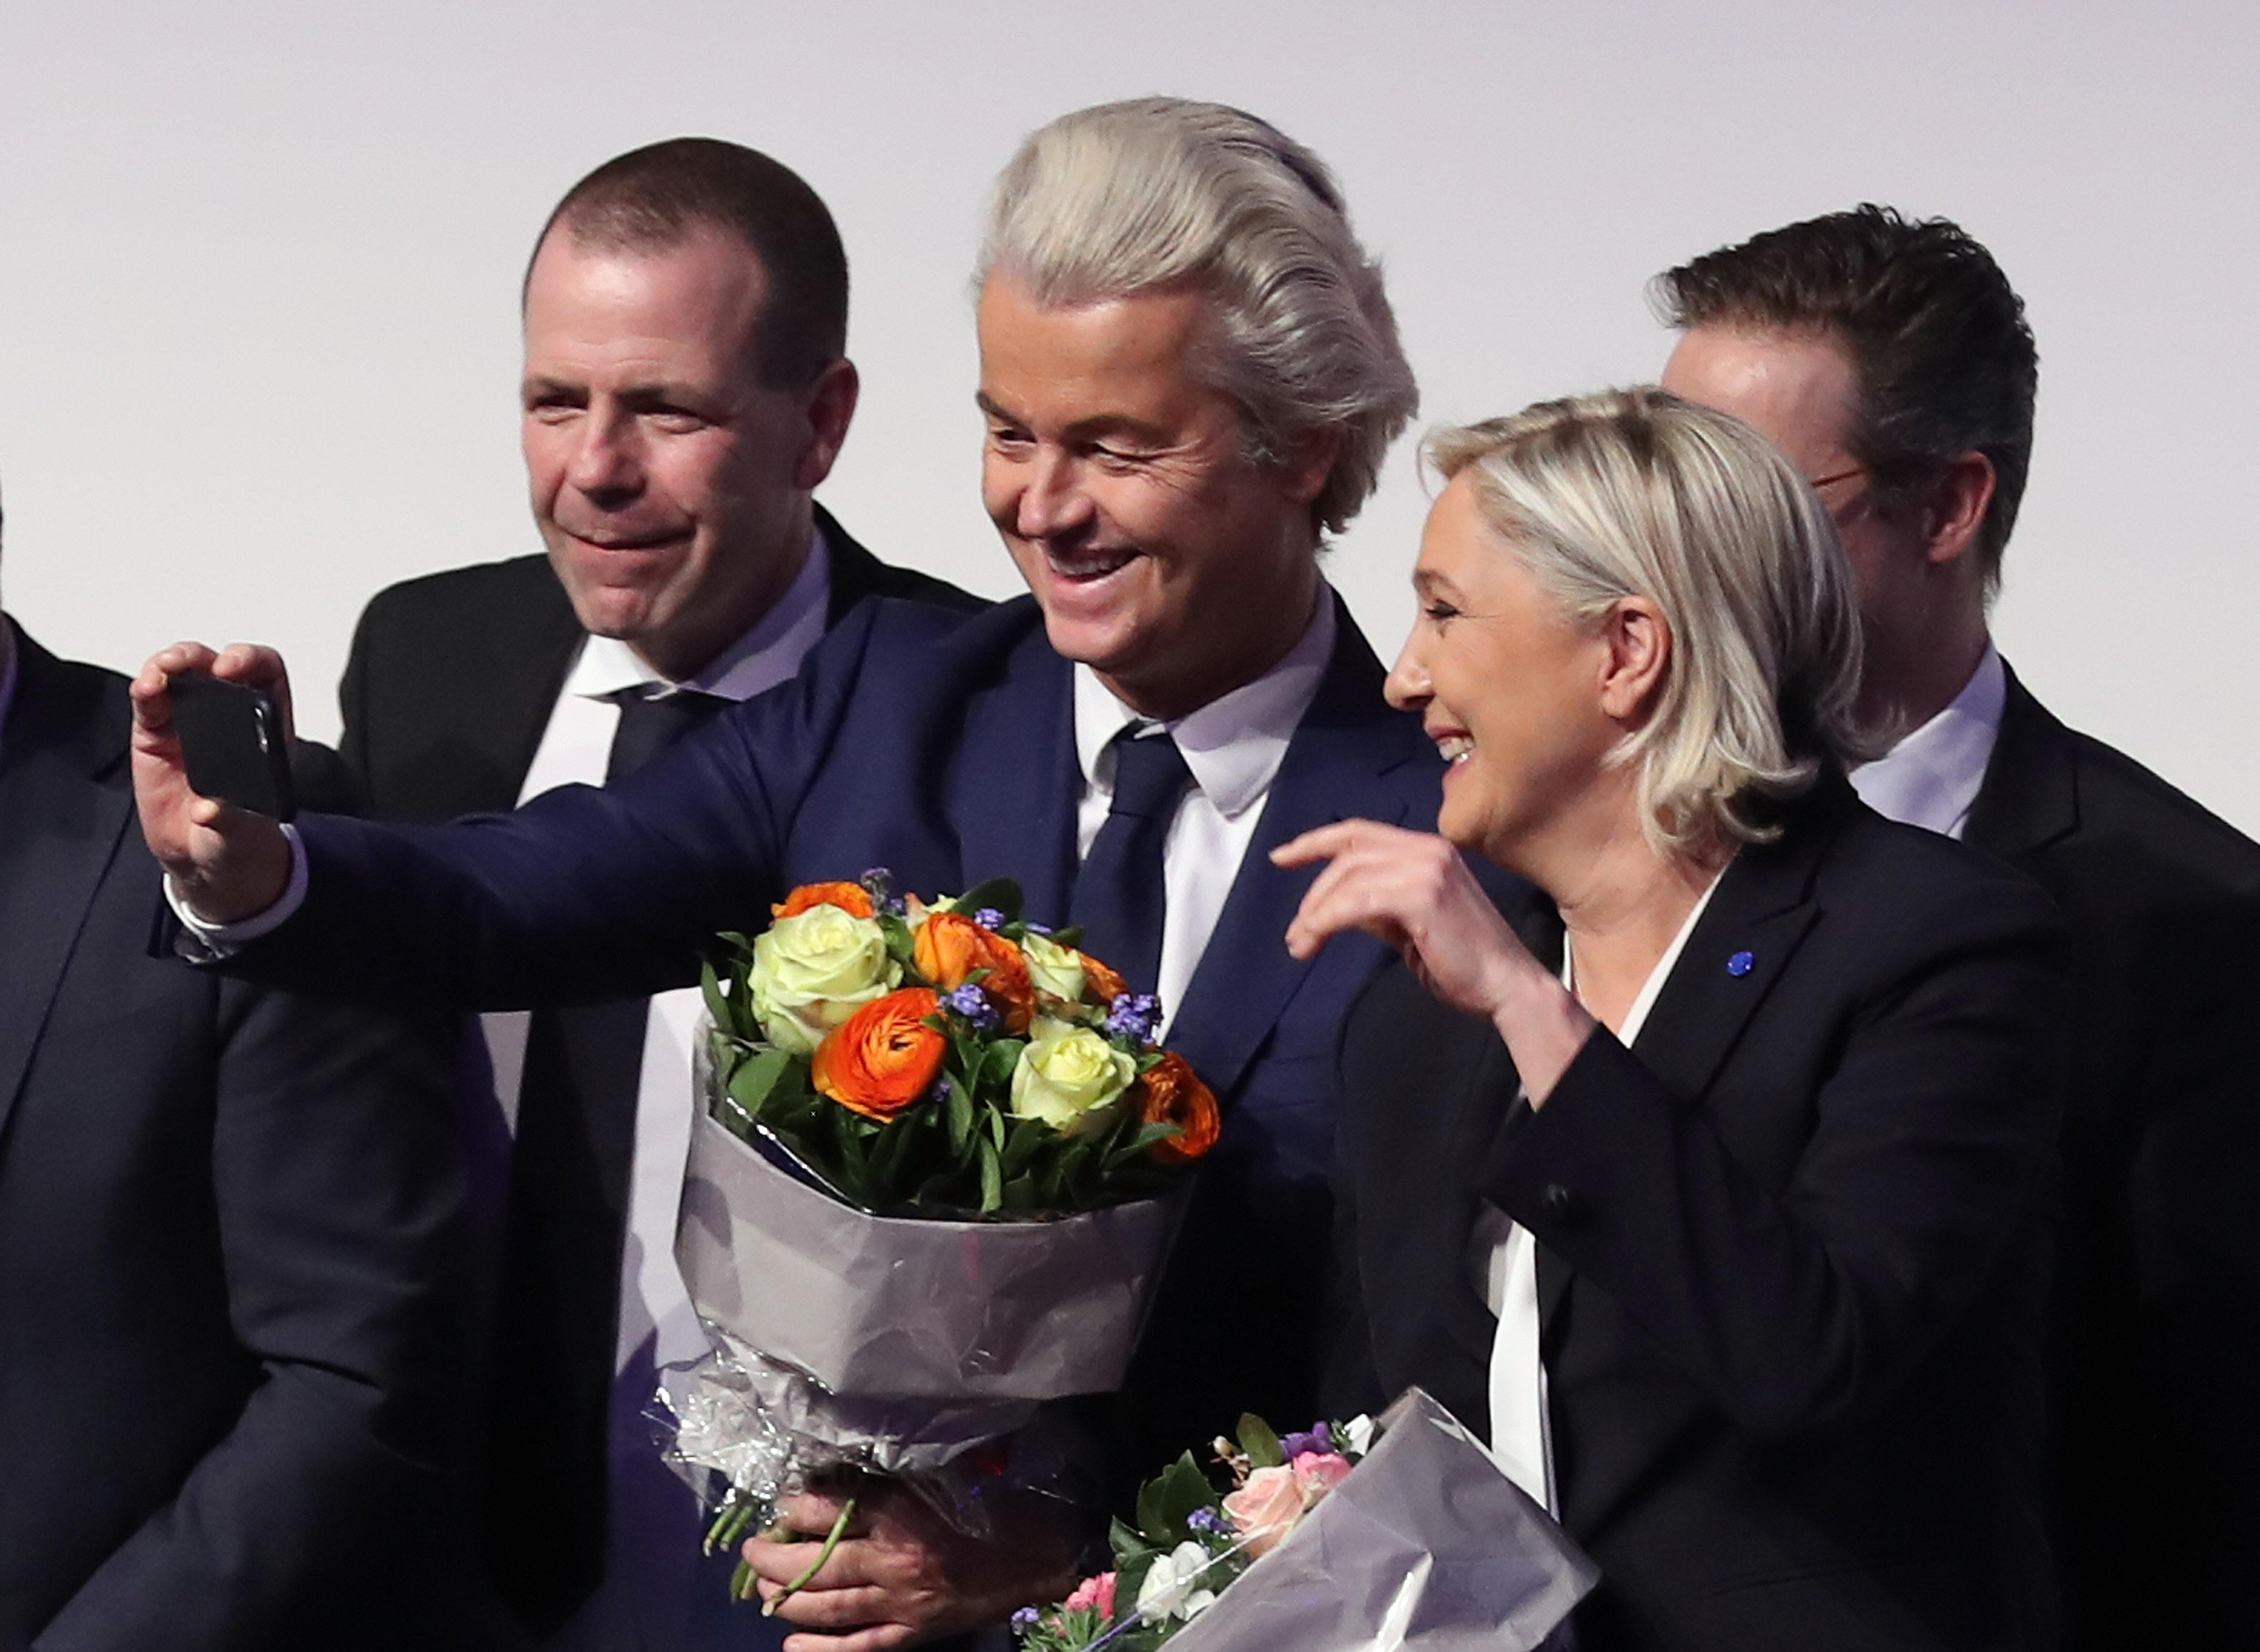 Illegale Spesen: So viel Geld verprassten Rechtspopulisten im EU-Parlament